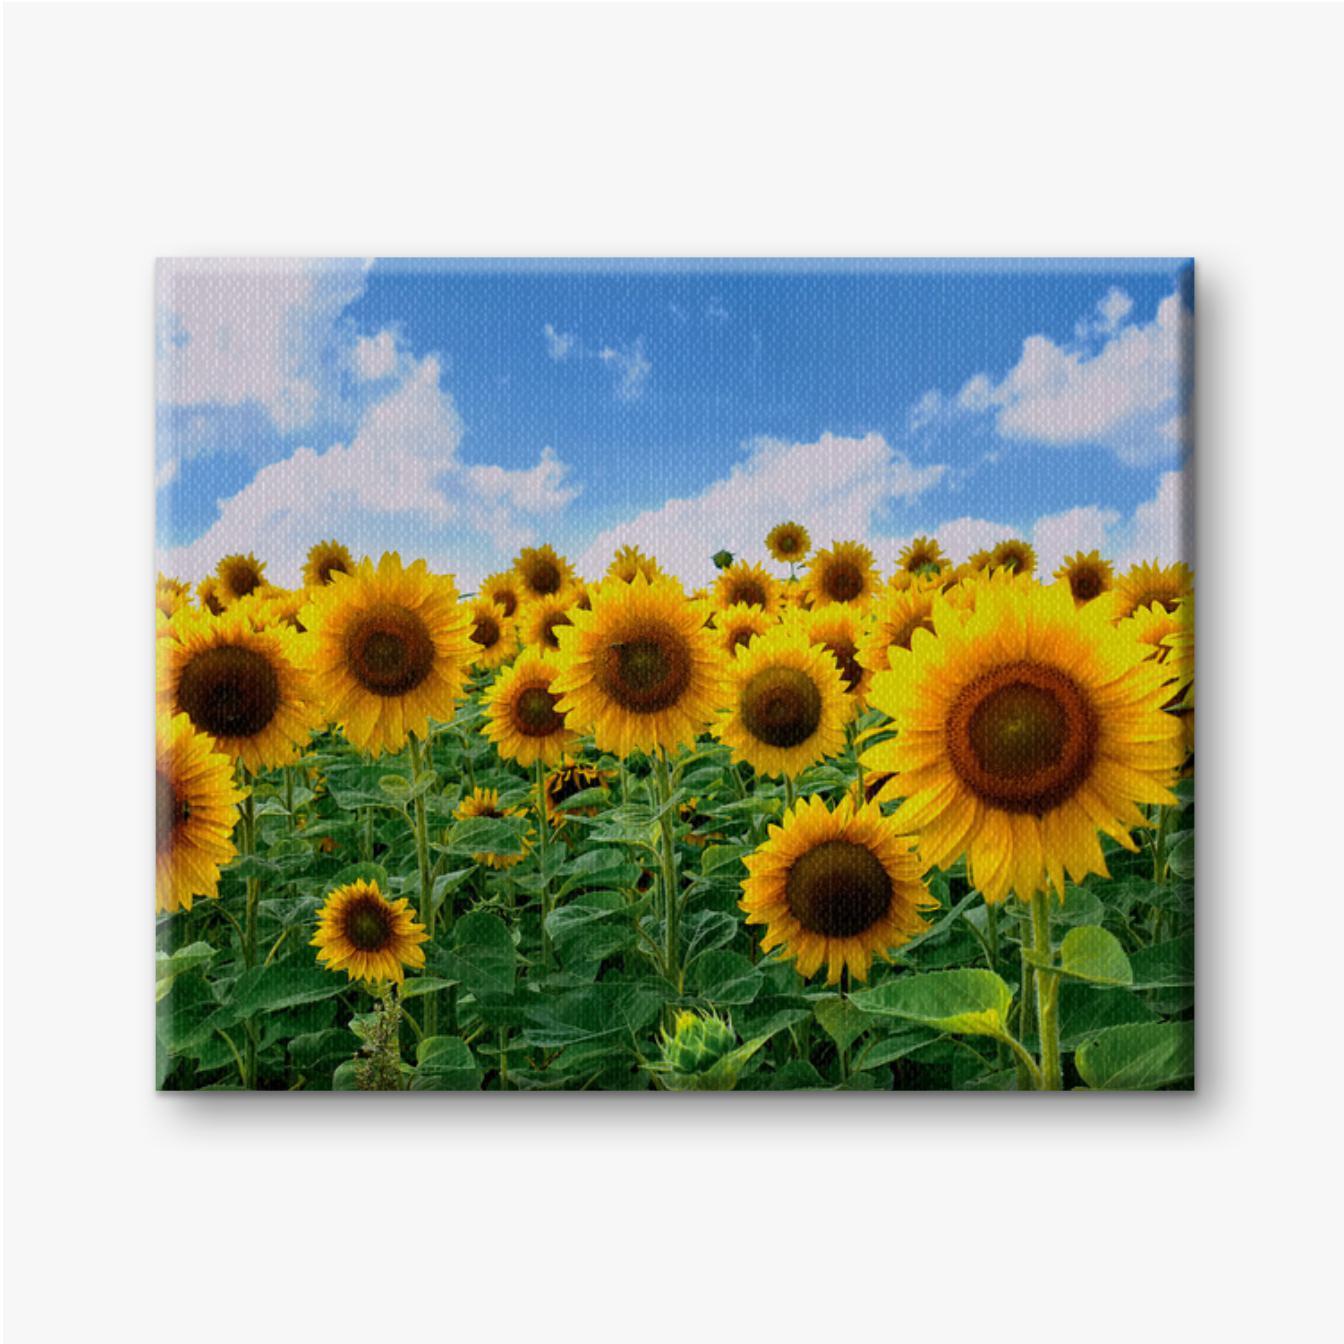 Feld mit leuchtend gelben Sonnenblumen mit grünen Blättern auf blauem Himmel